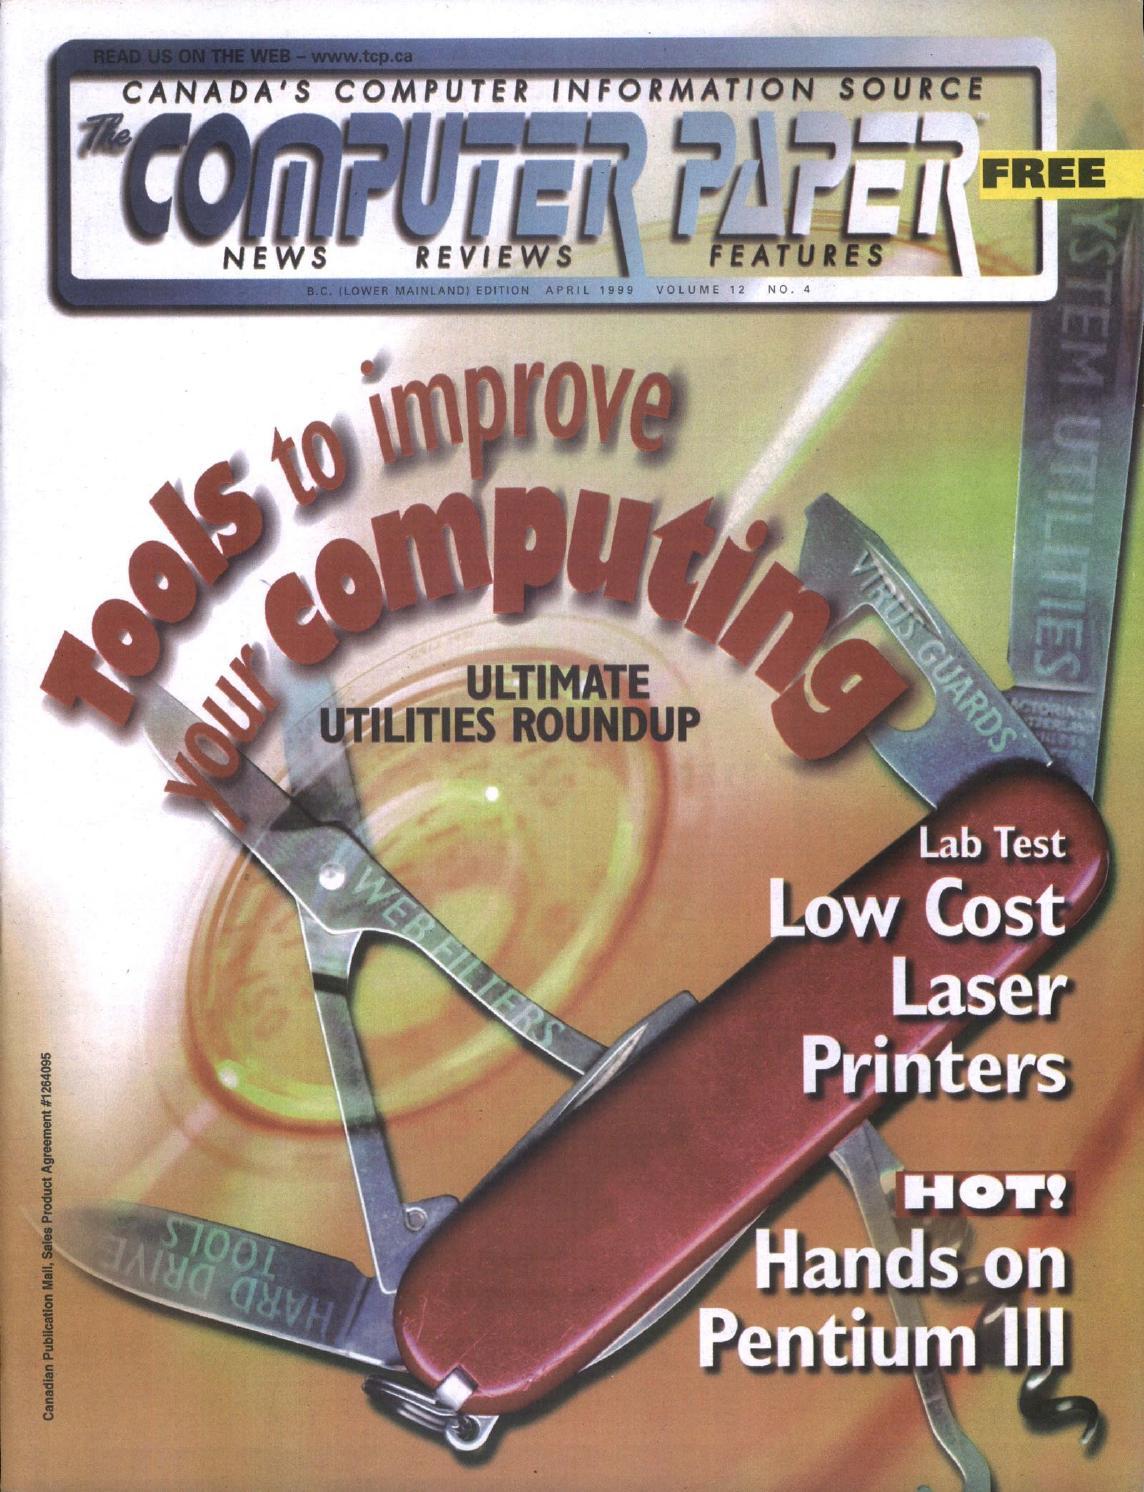 HP Laserjet 1200 main paper feed tray  RAO-1129